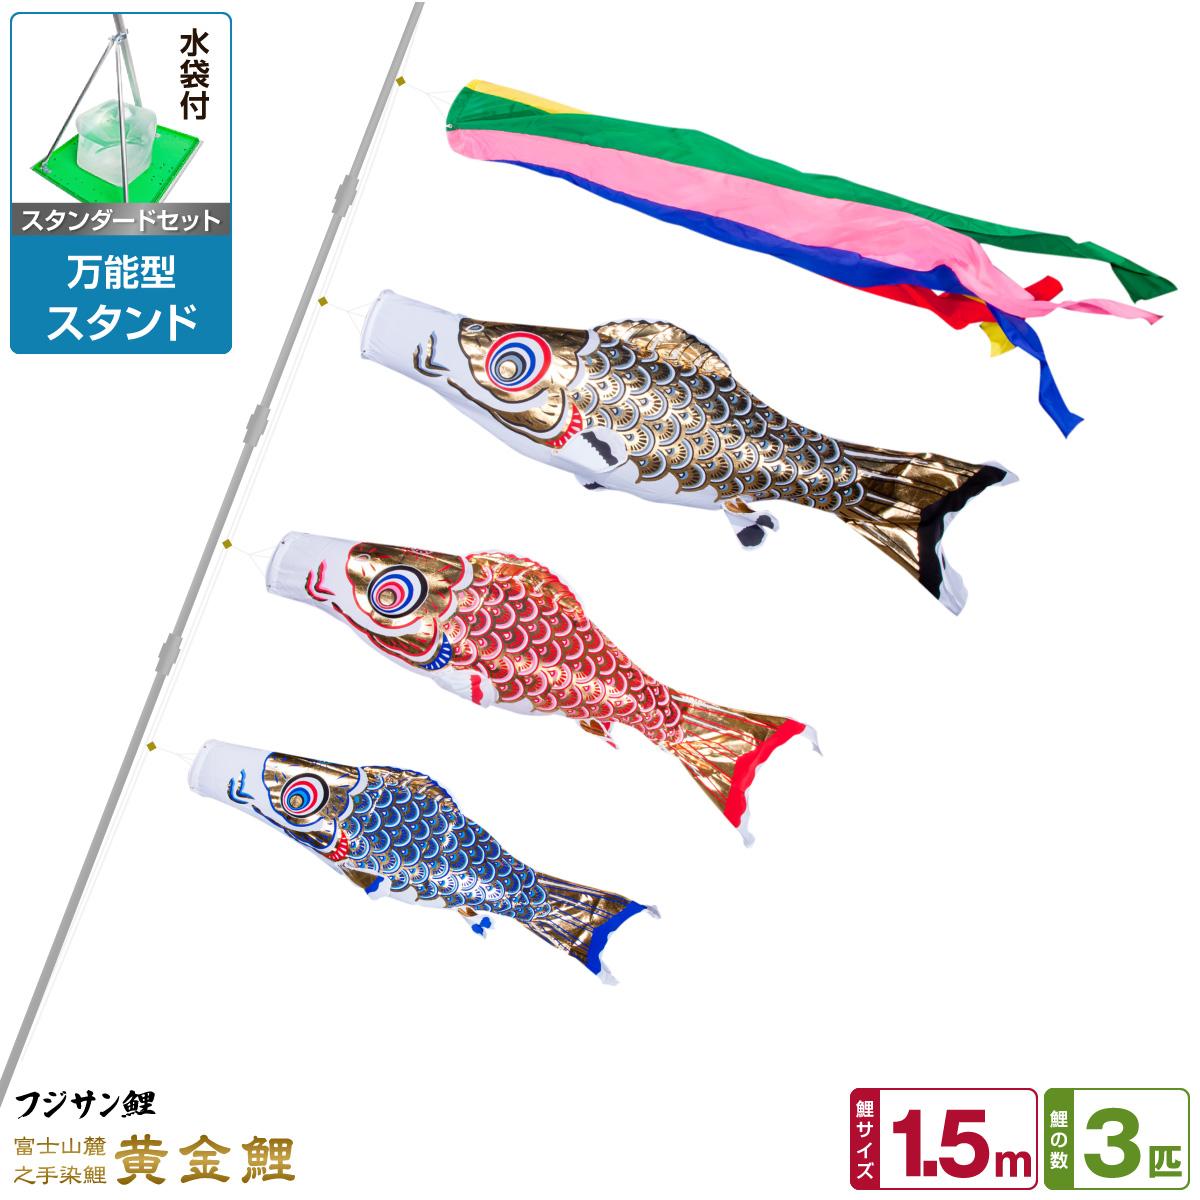 ベランダ用 こいのぼり 鯉のぼり フジサン鯉 黄金鯉 1.5m 6点(吹流し+鯉3匹+矢車+ロープ)/スタンダードセット(万能スタンド)